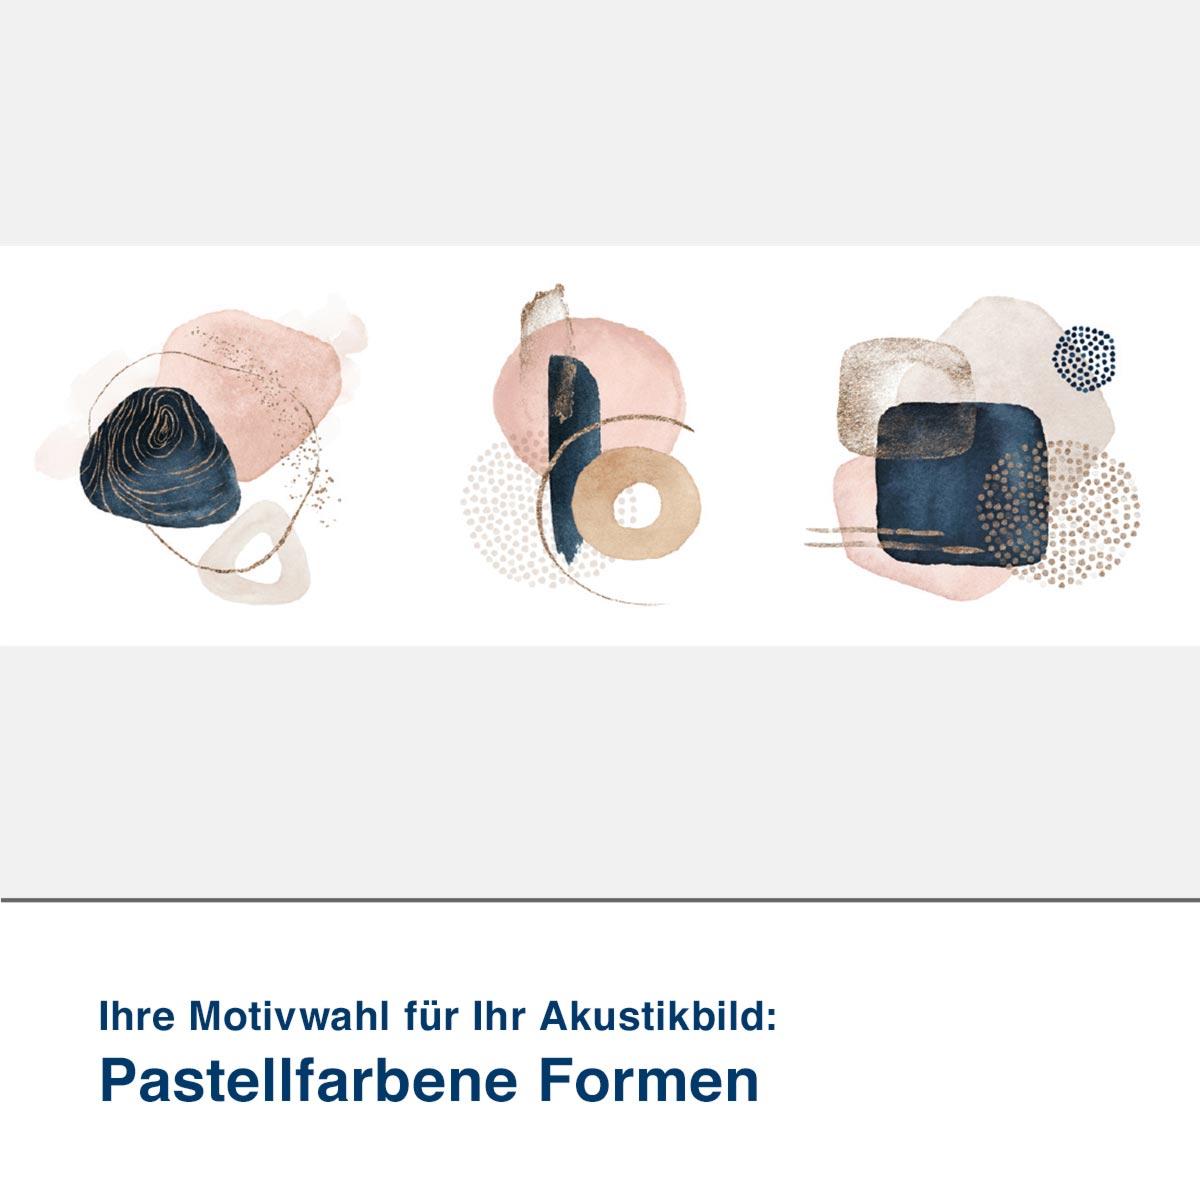 Akustikbild Motiv Pastellfarbene Formen